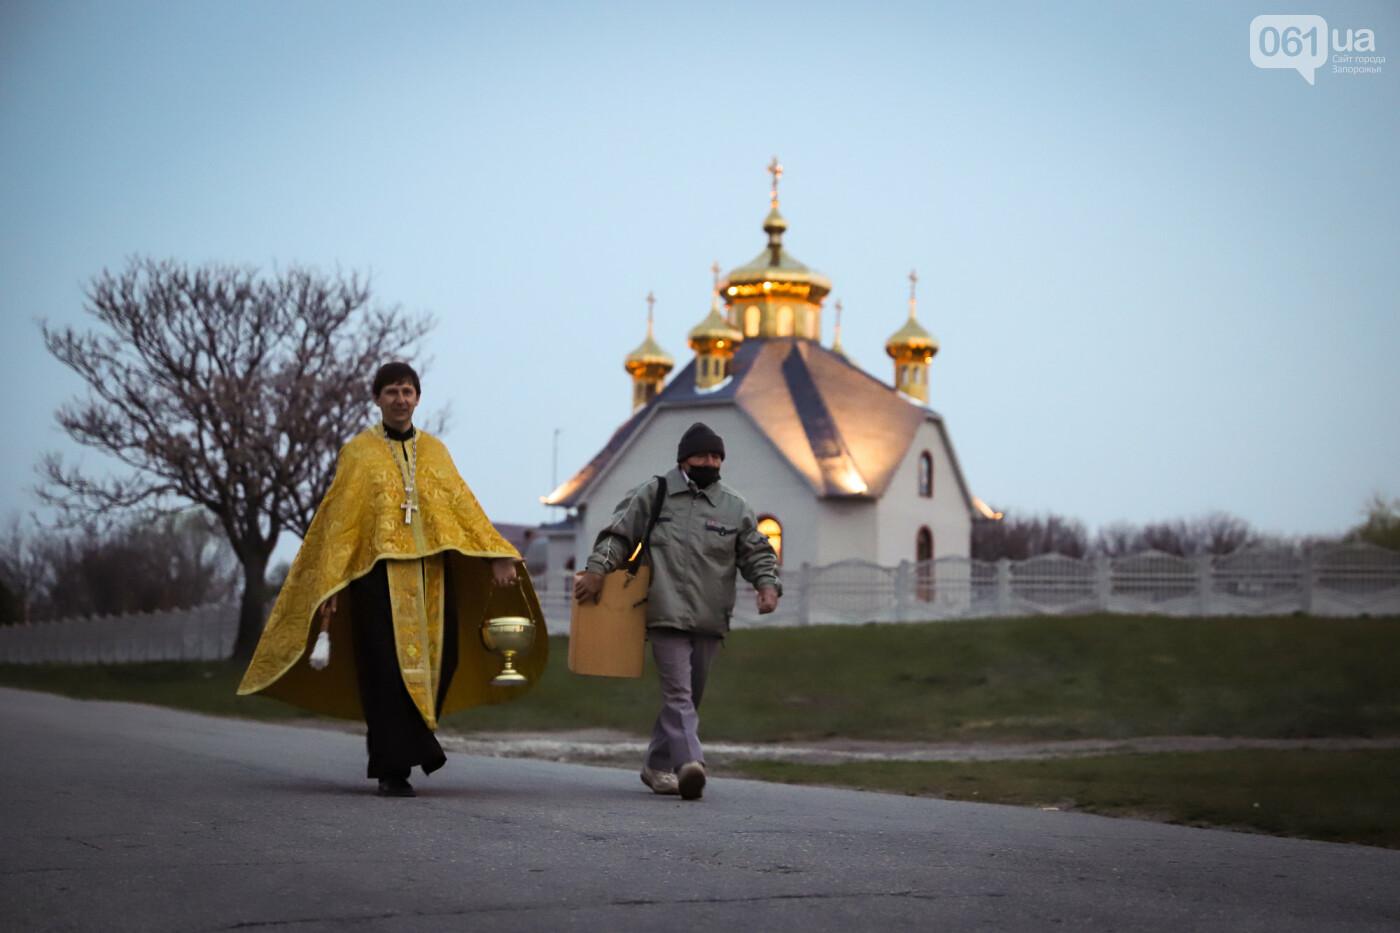 Освящение пасок у дворов на сельских улицах и полицейские возле храмов вместо прихожан: как празднуют Пасху в Запорожье, - ФОТОРЕПОРТАЖ, фото-7